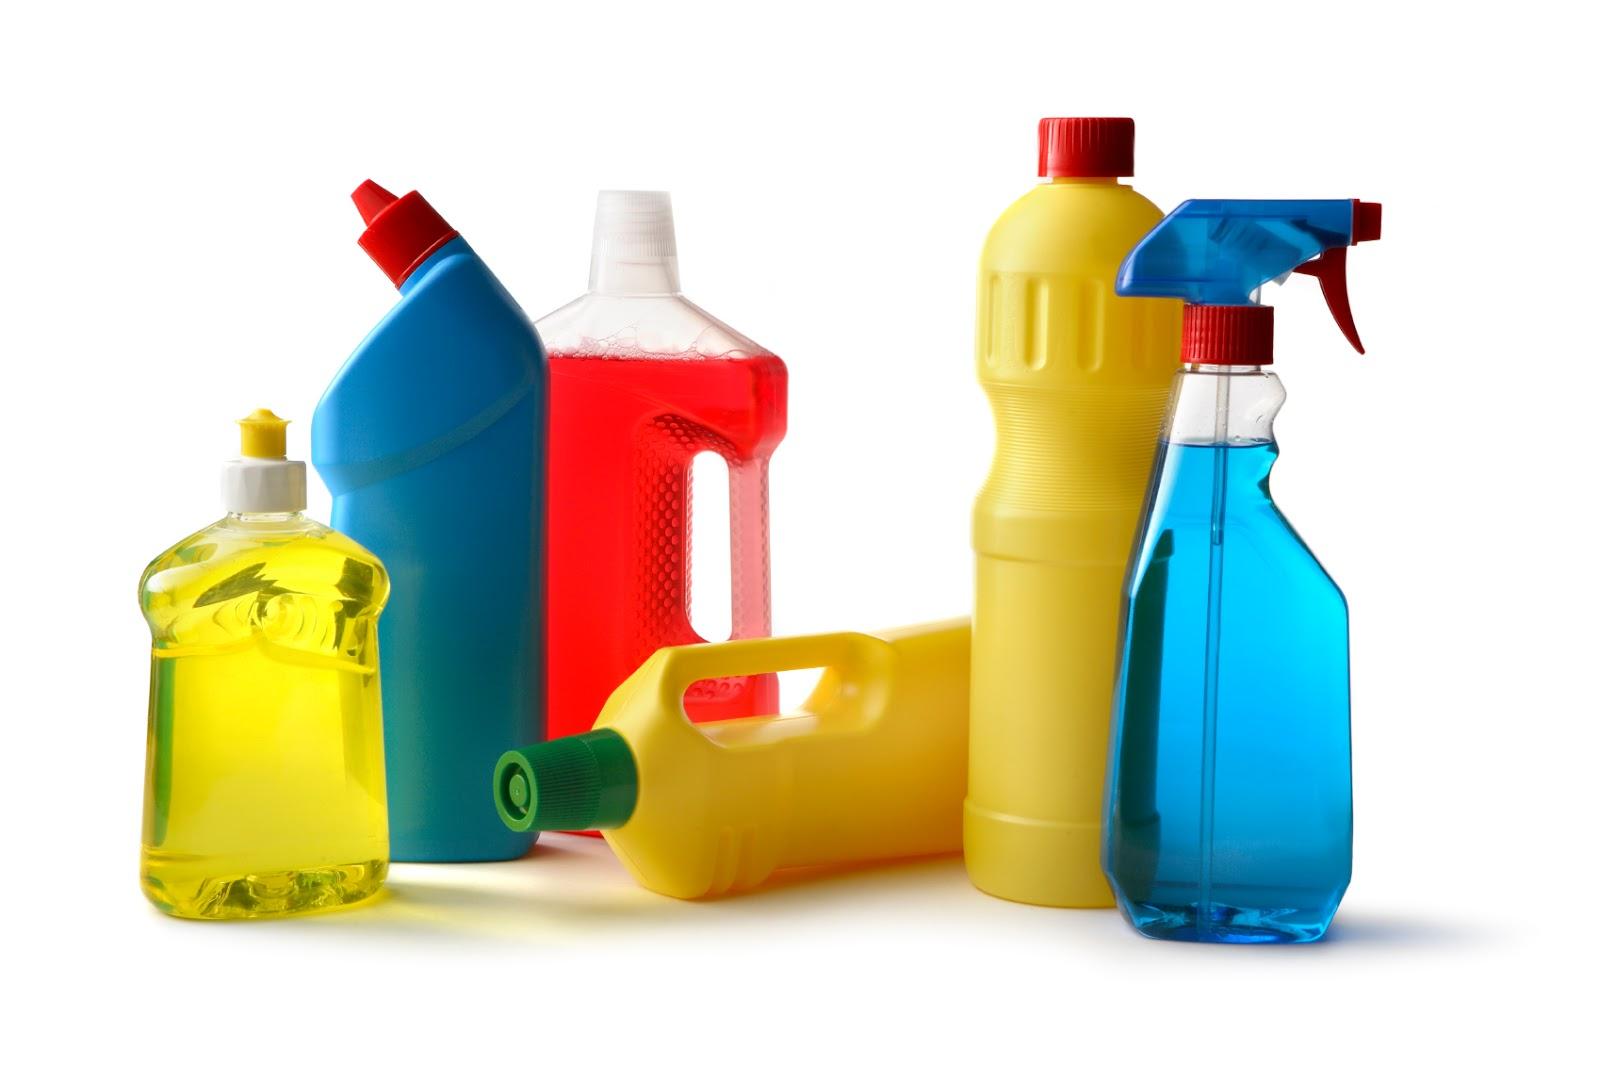 Cuidados ao manuseio de produtos quimicos